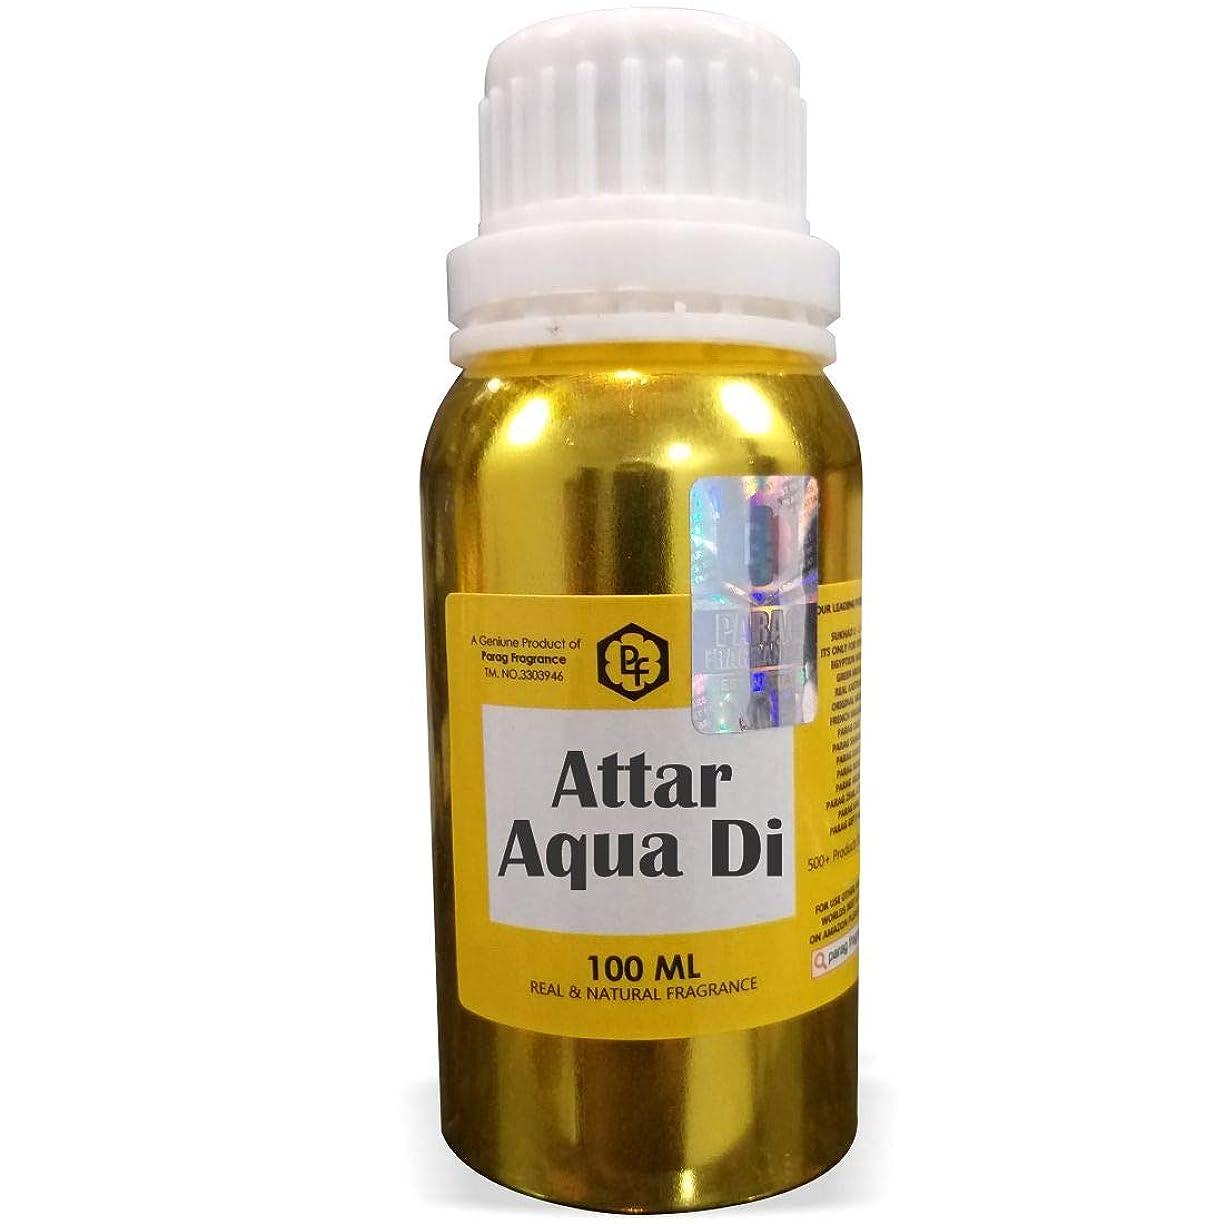 含める酸度光沢Paragフレグランスアクアディ?アター100ミリリットル(男性用アルコールフリーアター)香油  香り  ITRA